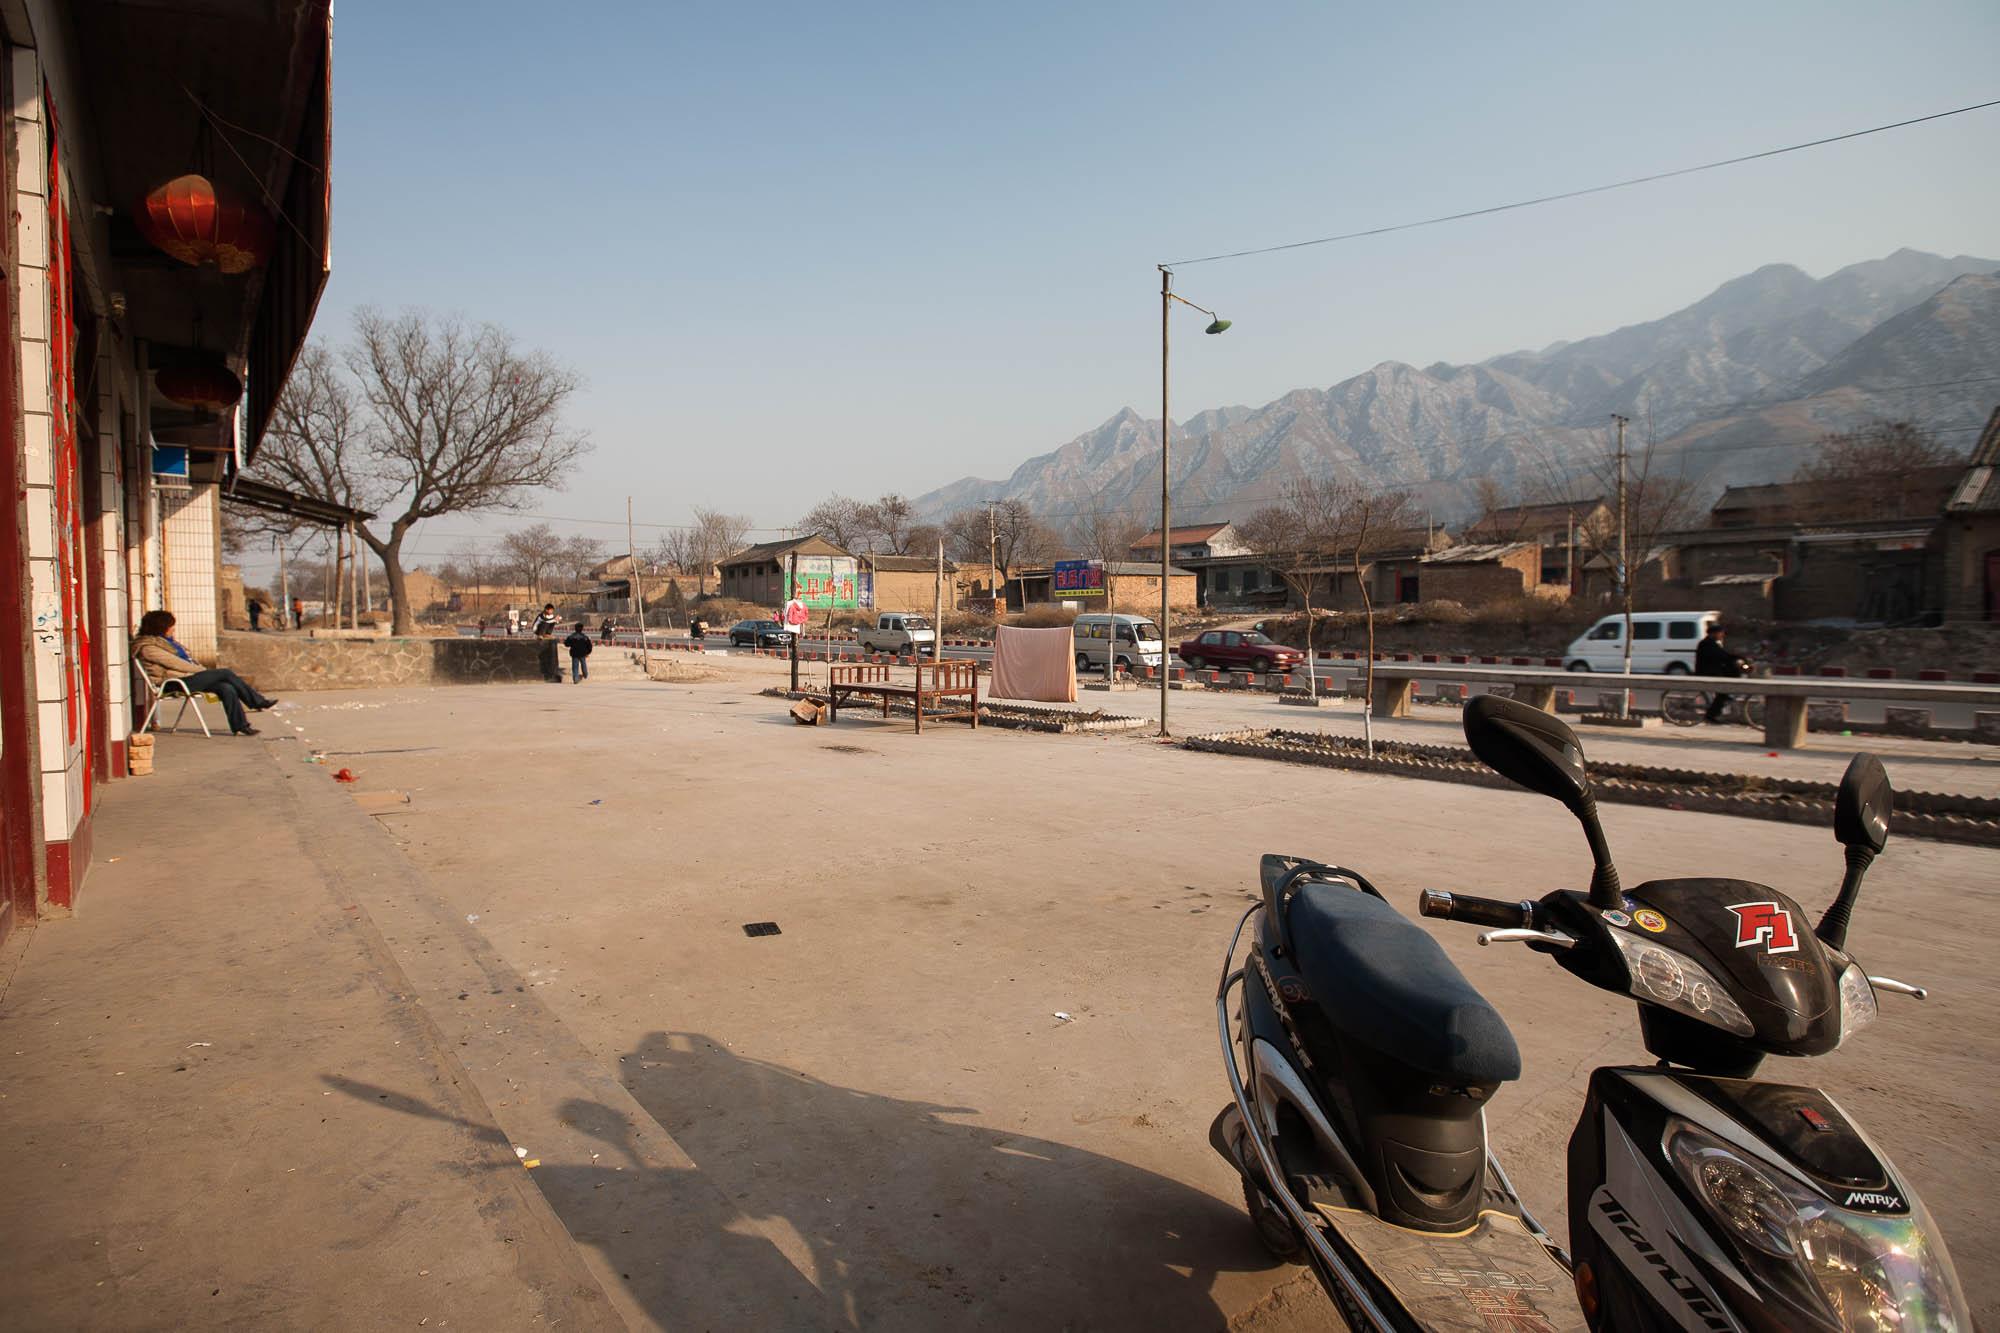 village in Shanxi